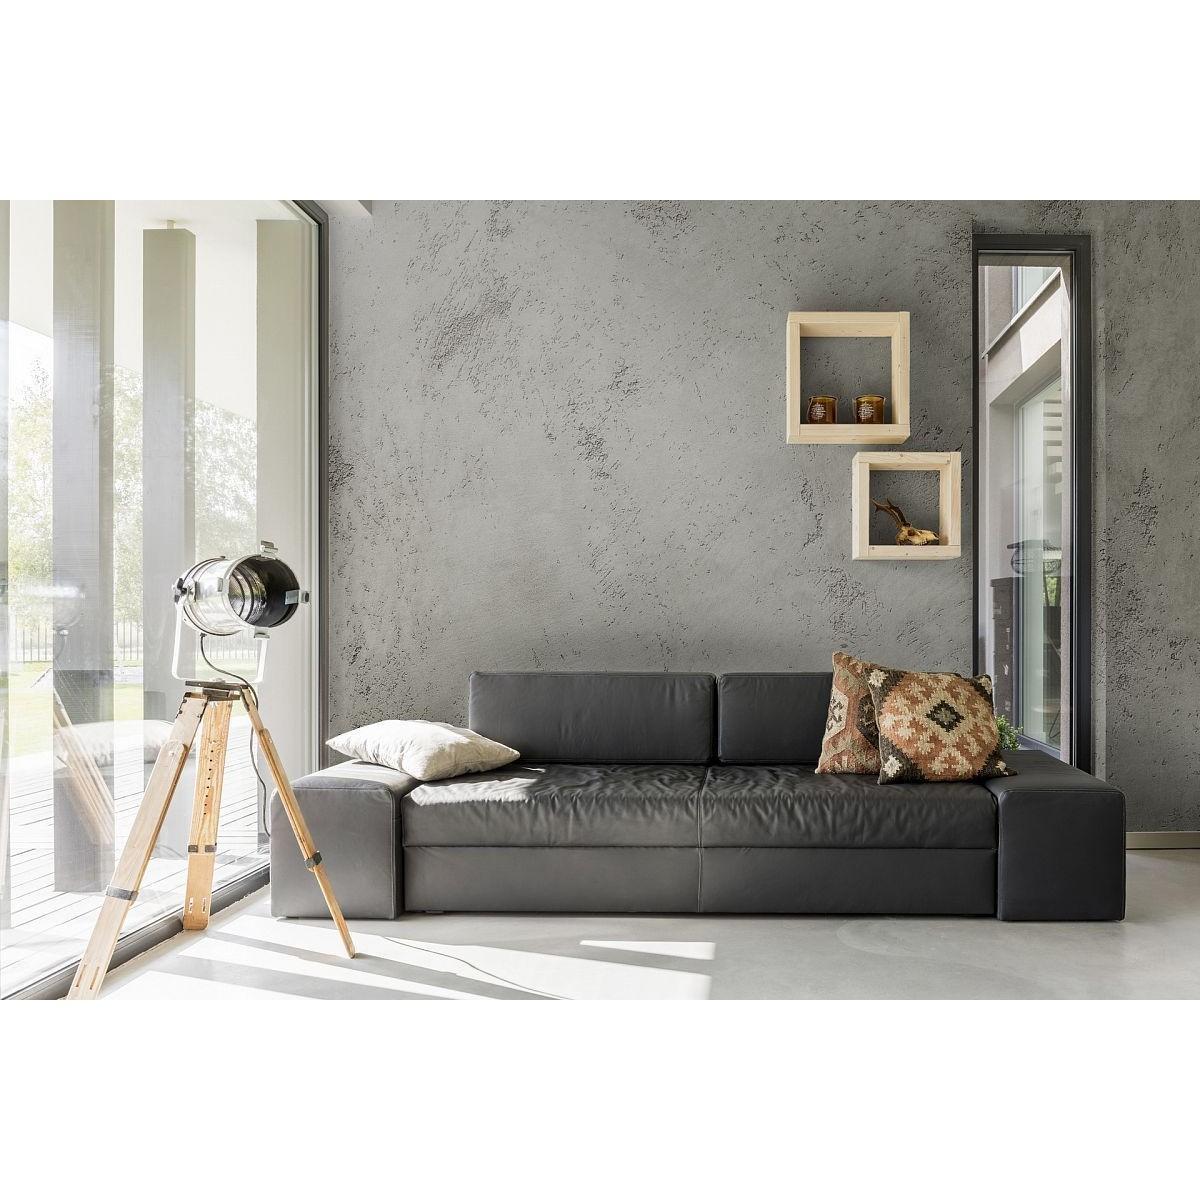 Decorazza Art beton - Эффект бетона в один слой